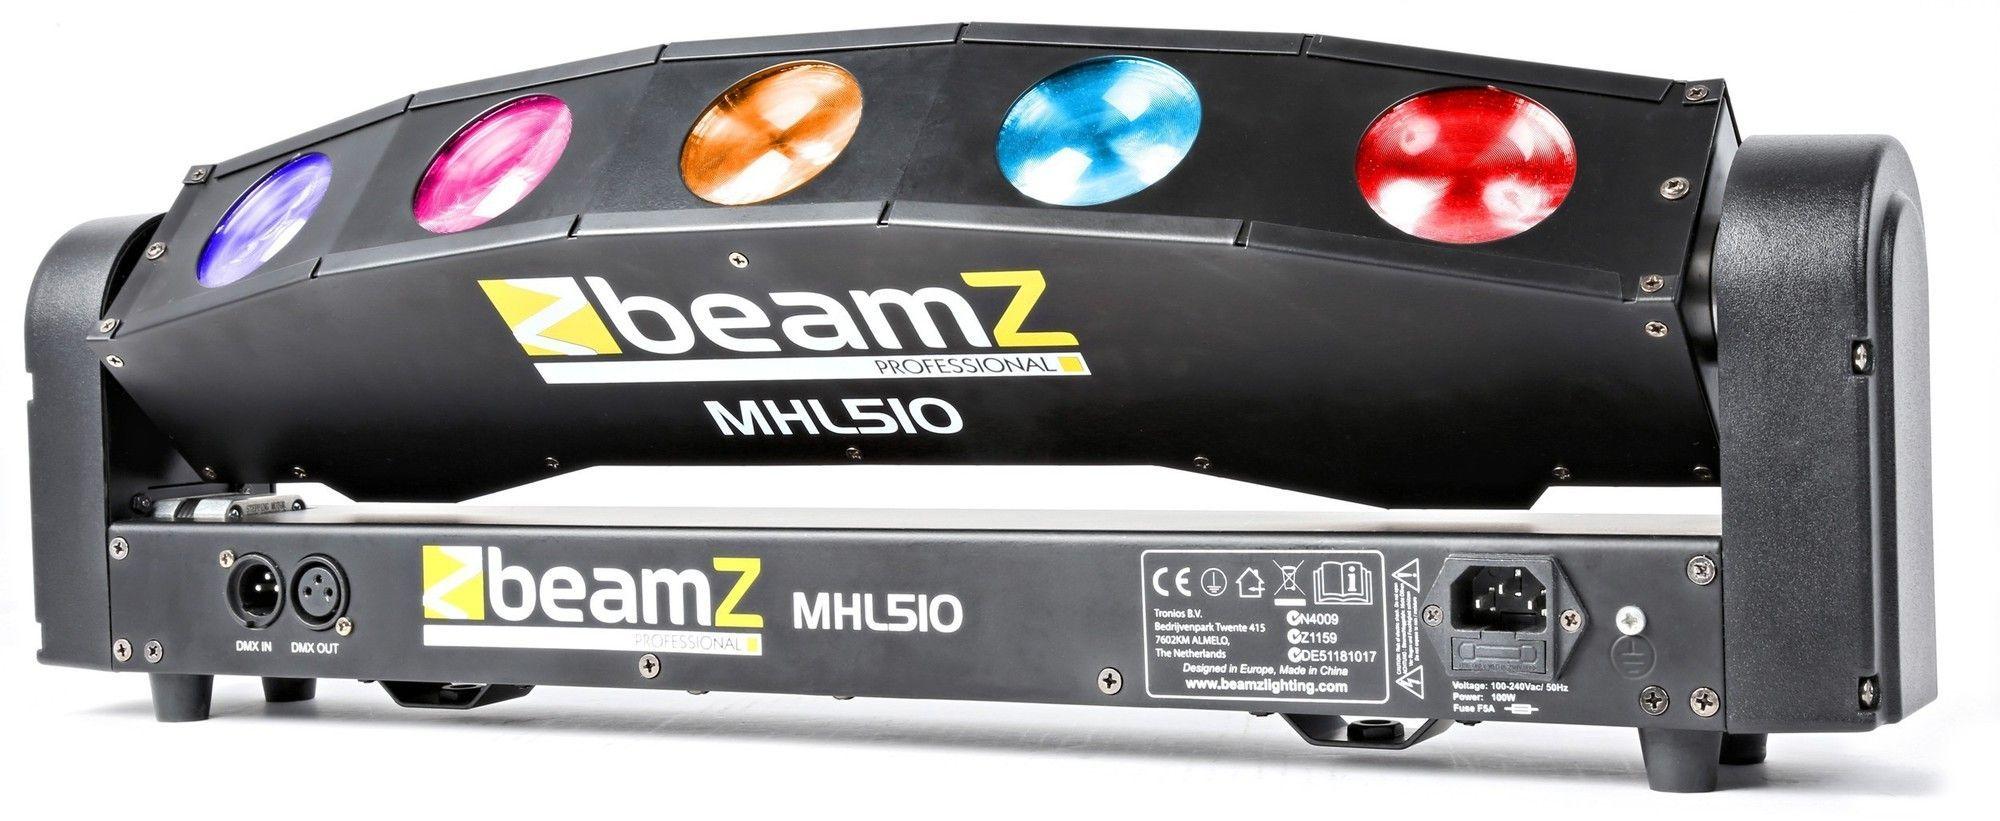 Dagaanbieding: BeamZ MHL510 Color Sweeper met 5x 10W QUAD LEDs en DMX